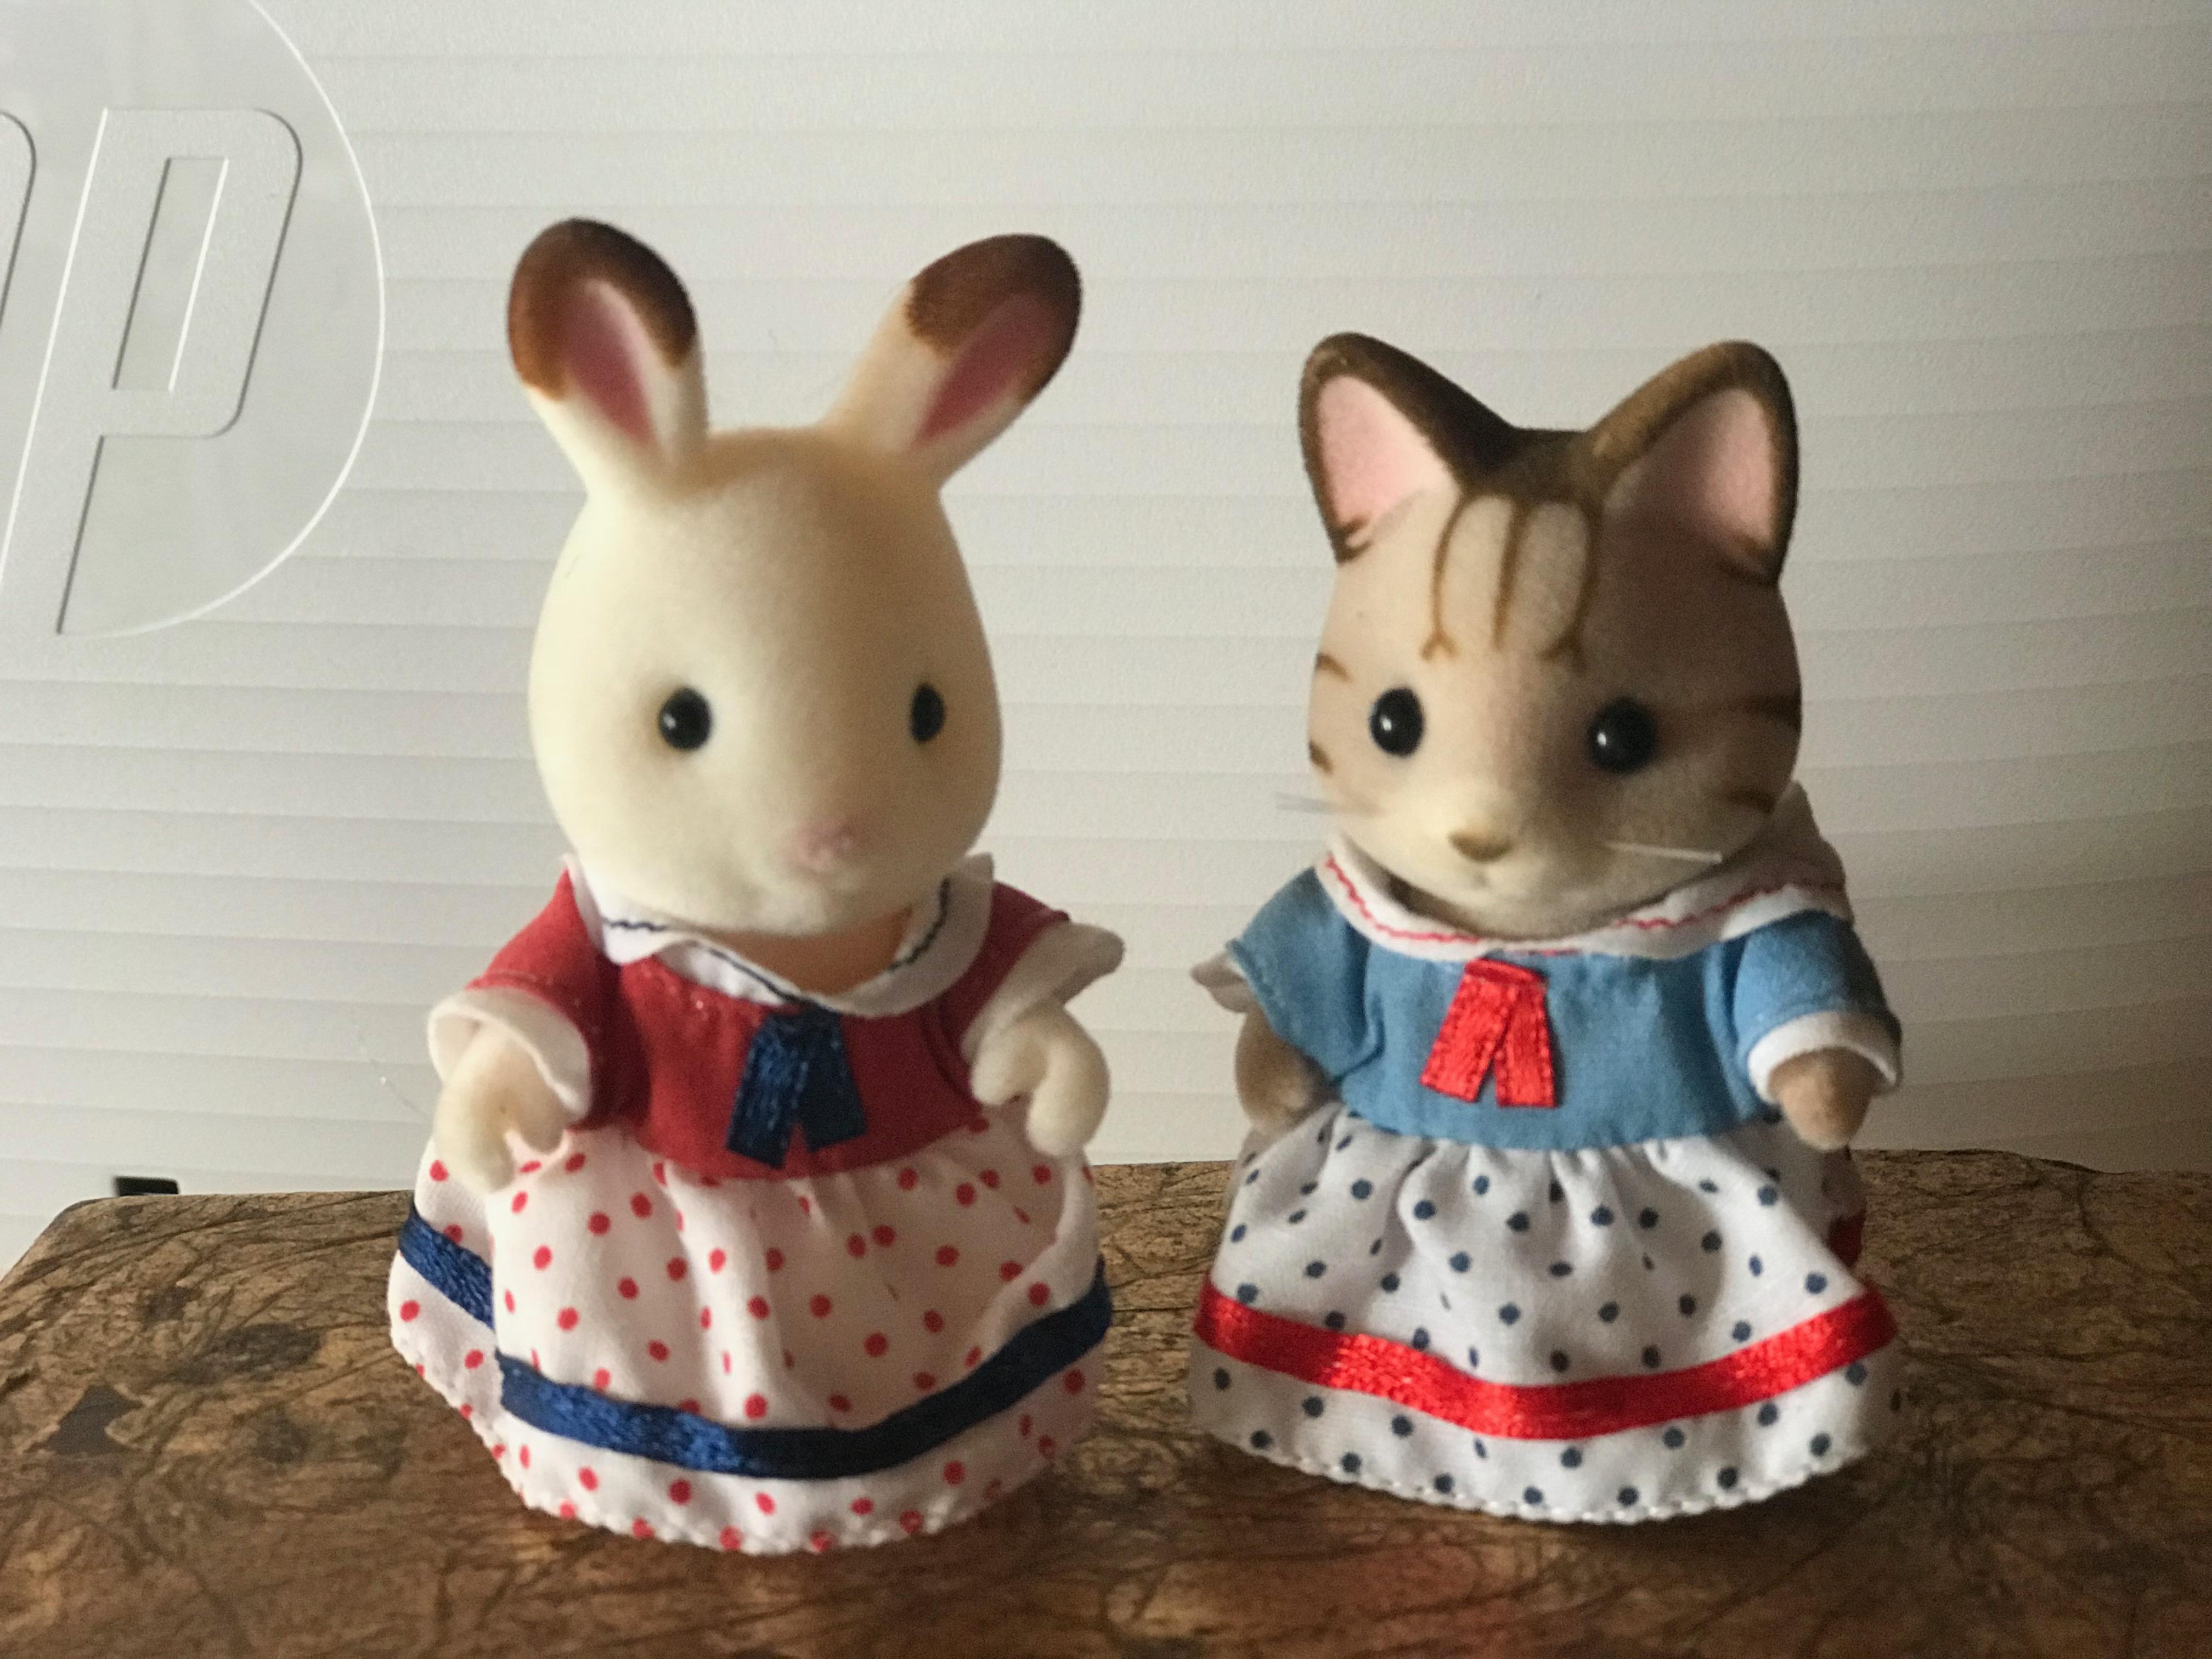 Two little friends!